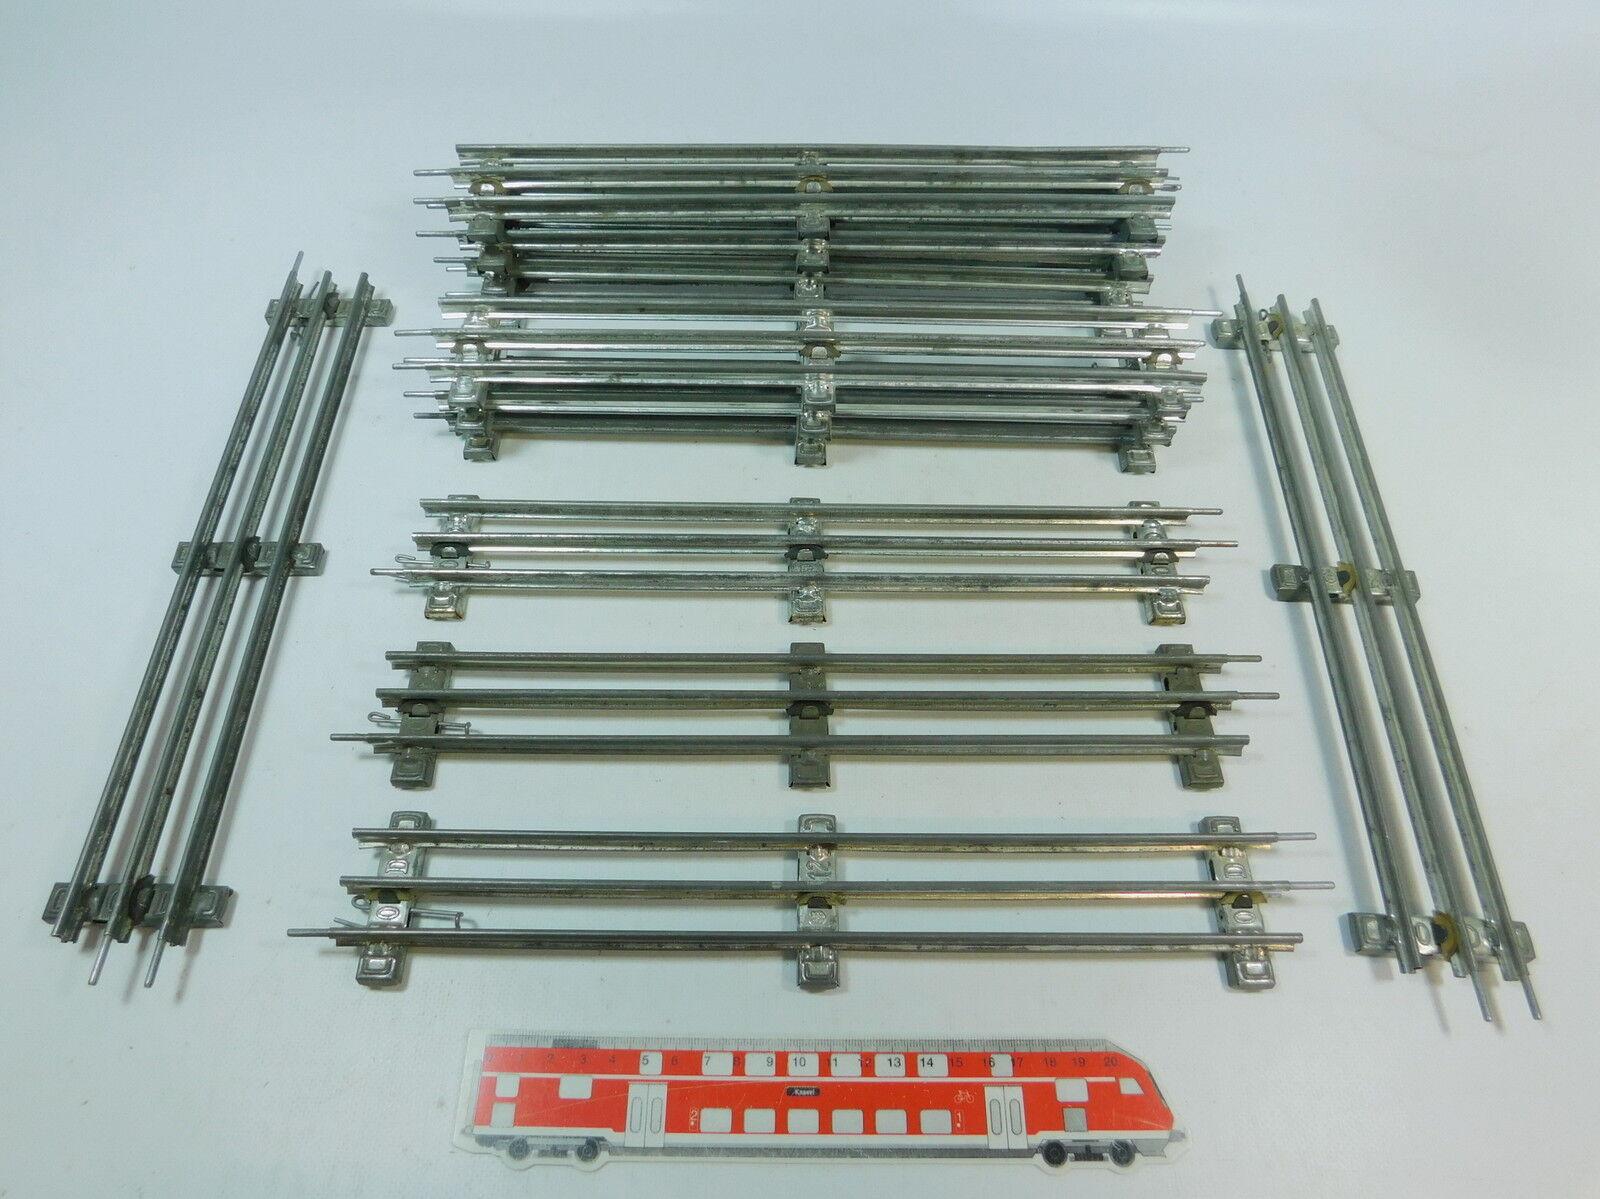 AV312 12x marklinMarklin Scala 0 Pezzo Pista 32 cm per Elettrica Utilizzo